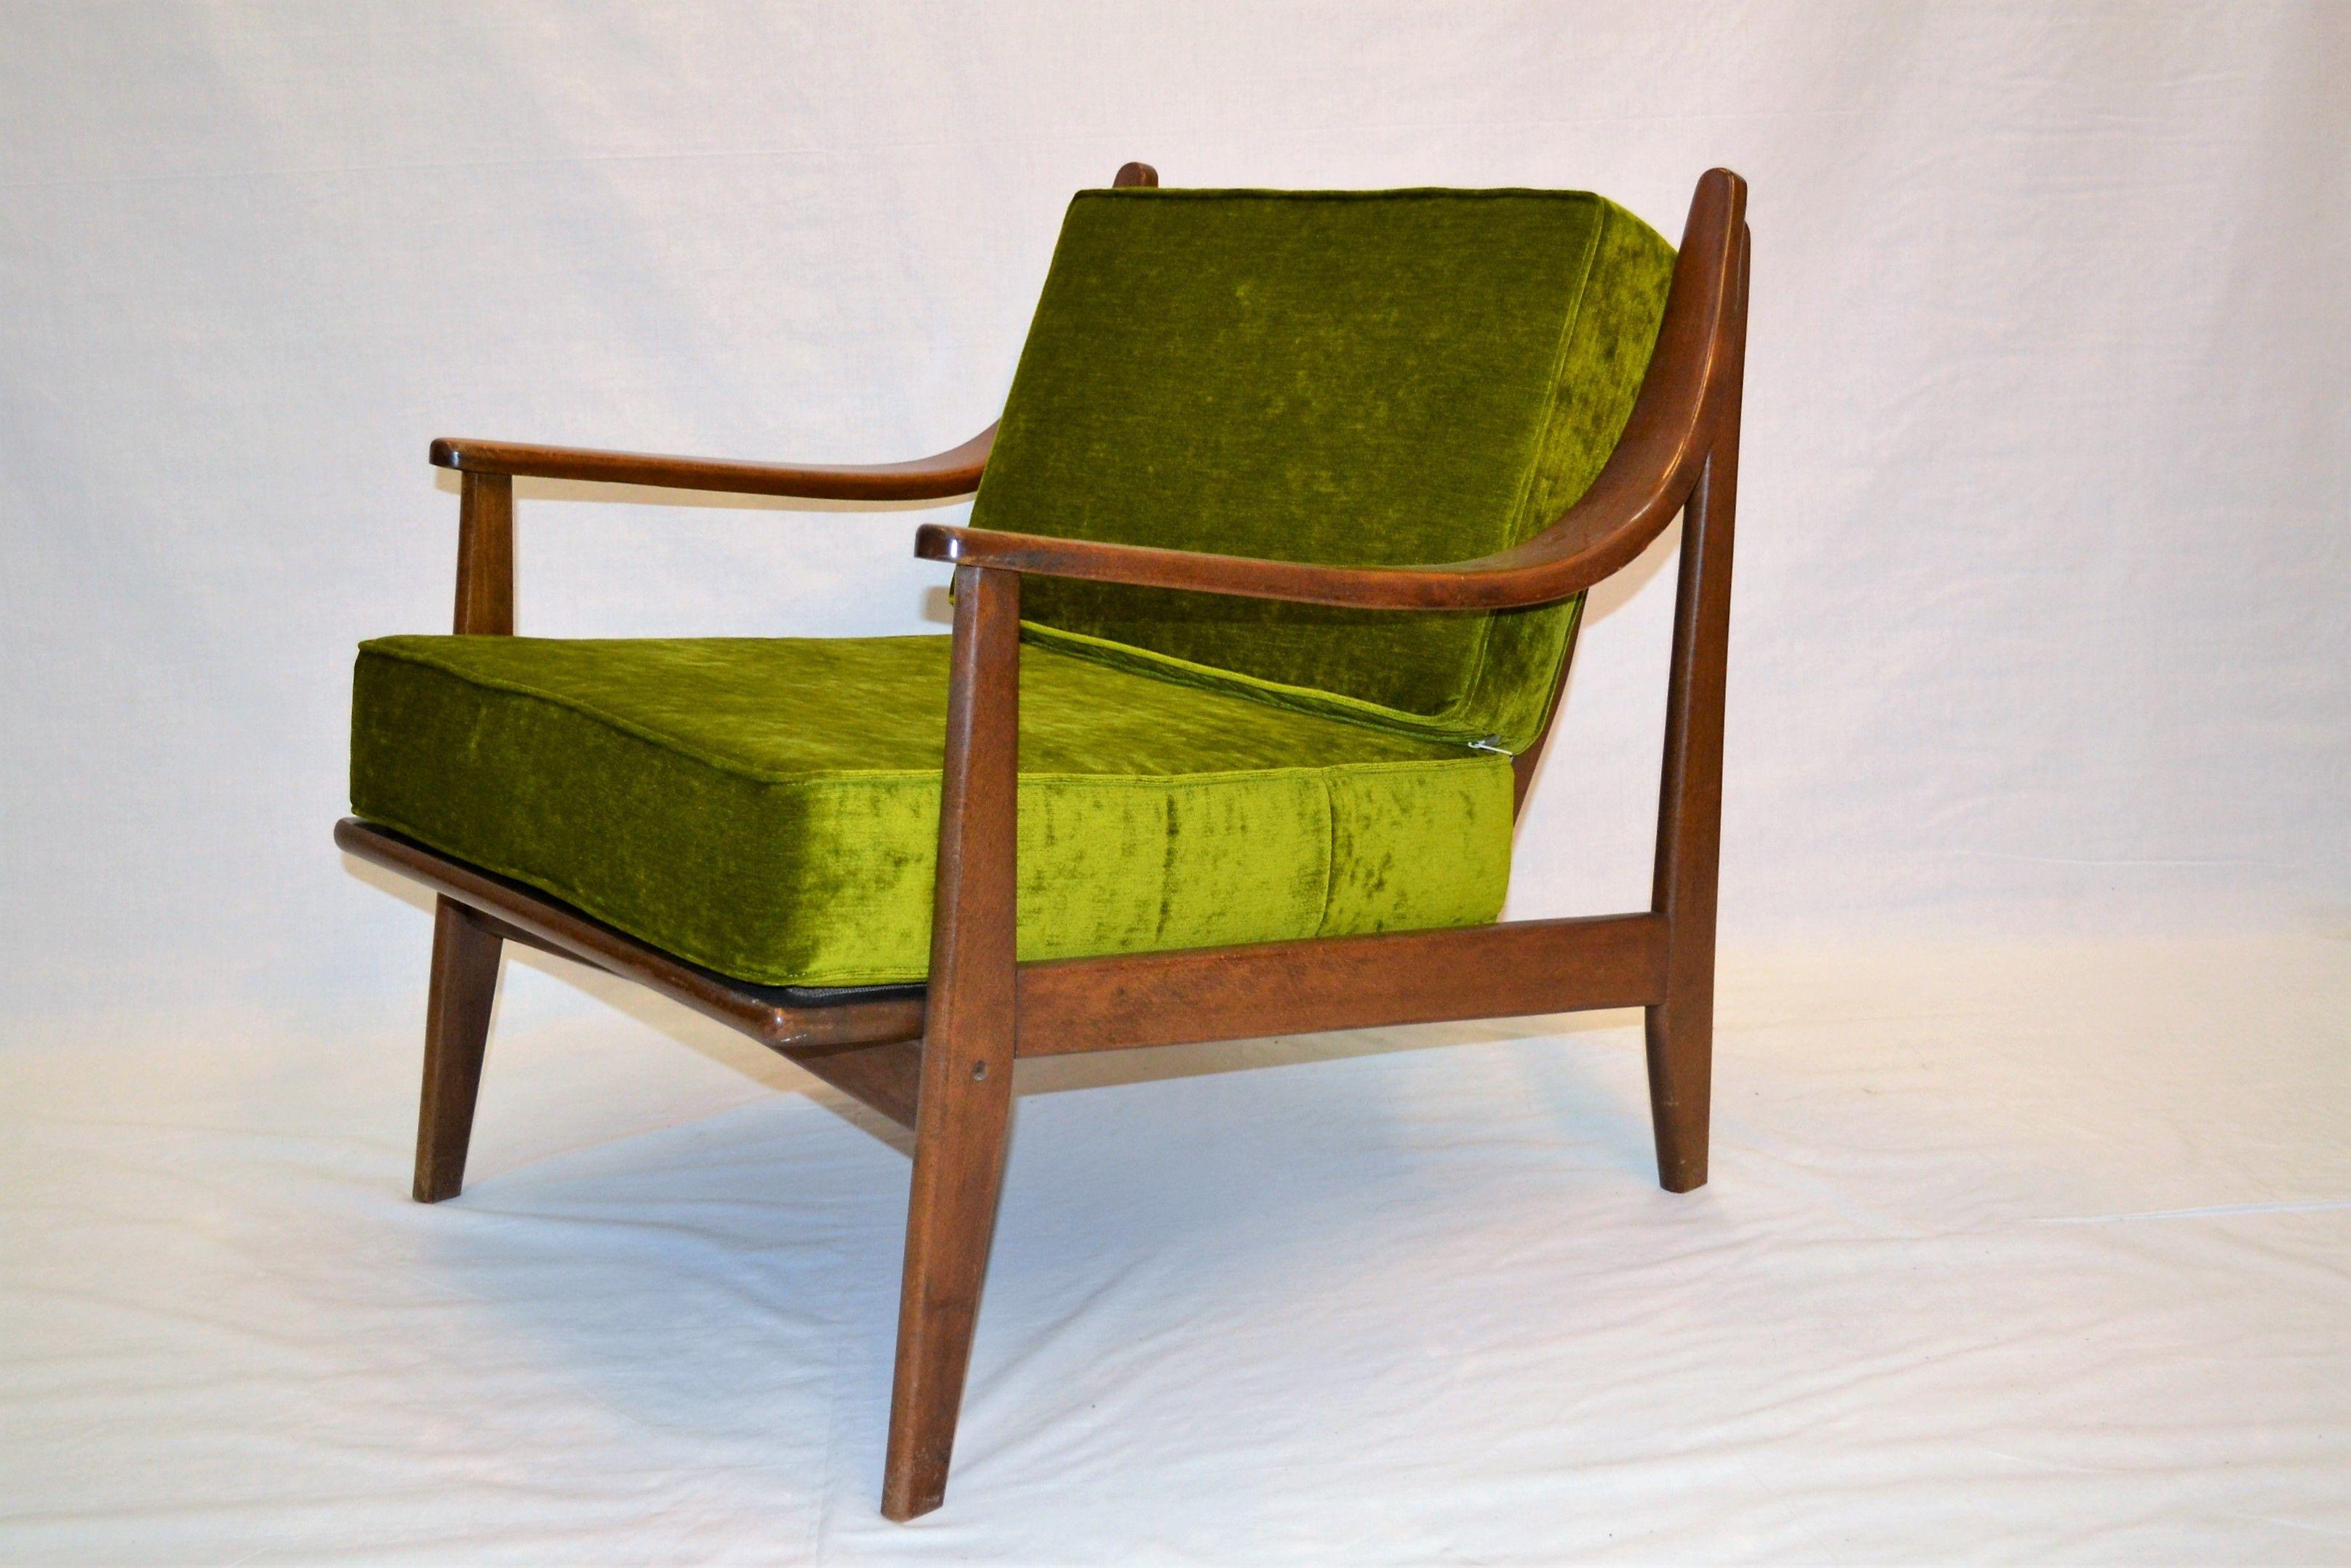 Poltrona anni 60 - IN OFFERTA A € 200 | Design vintage ...